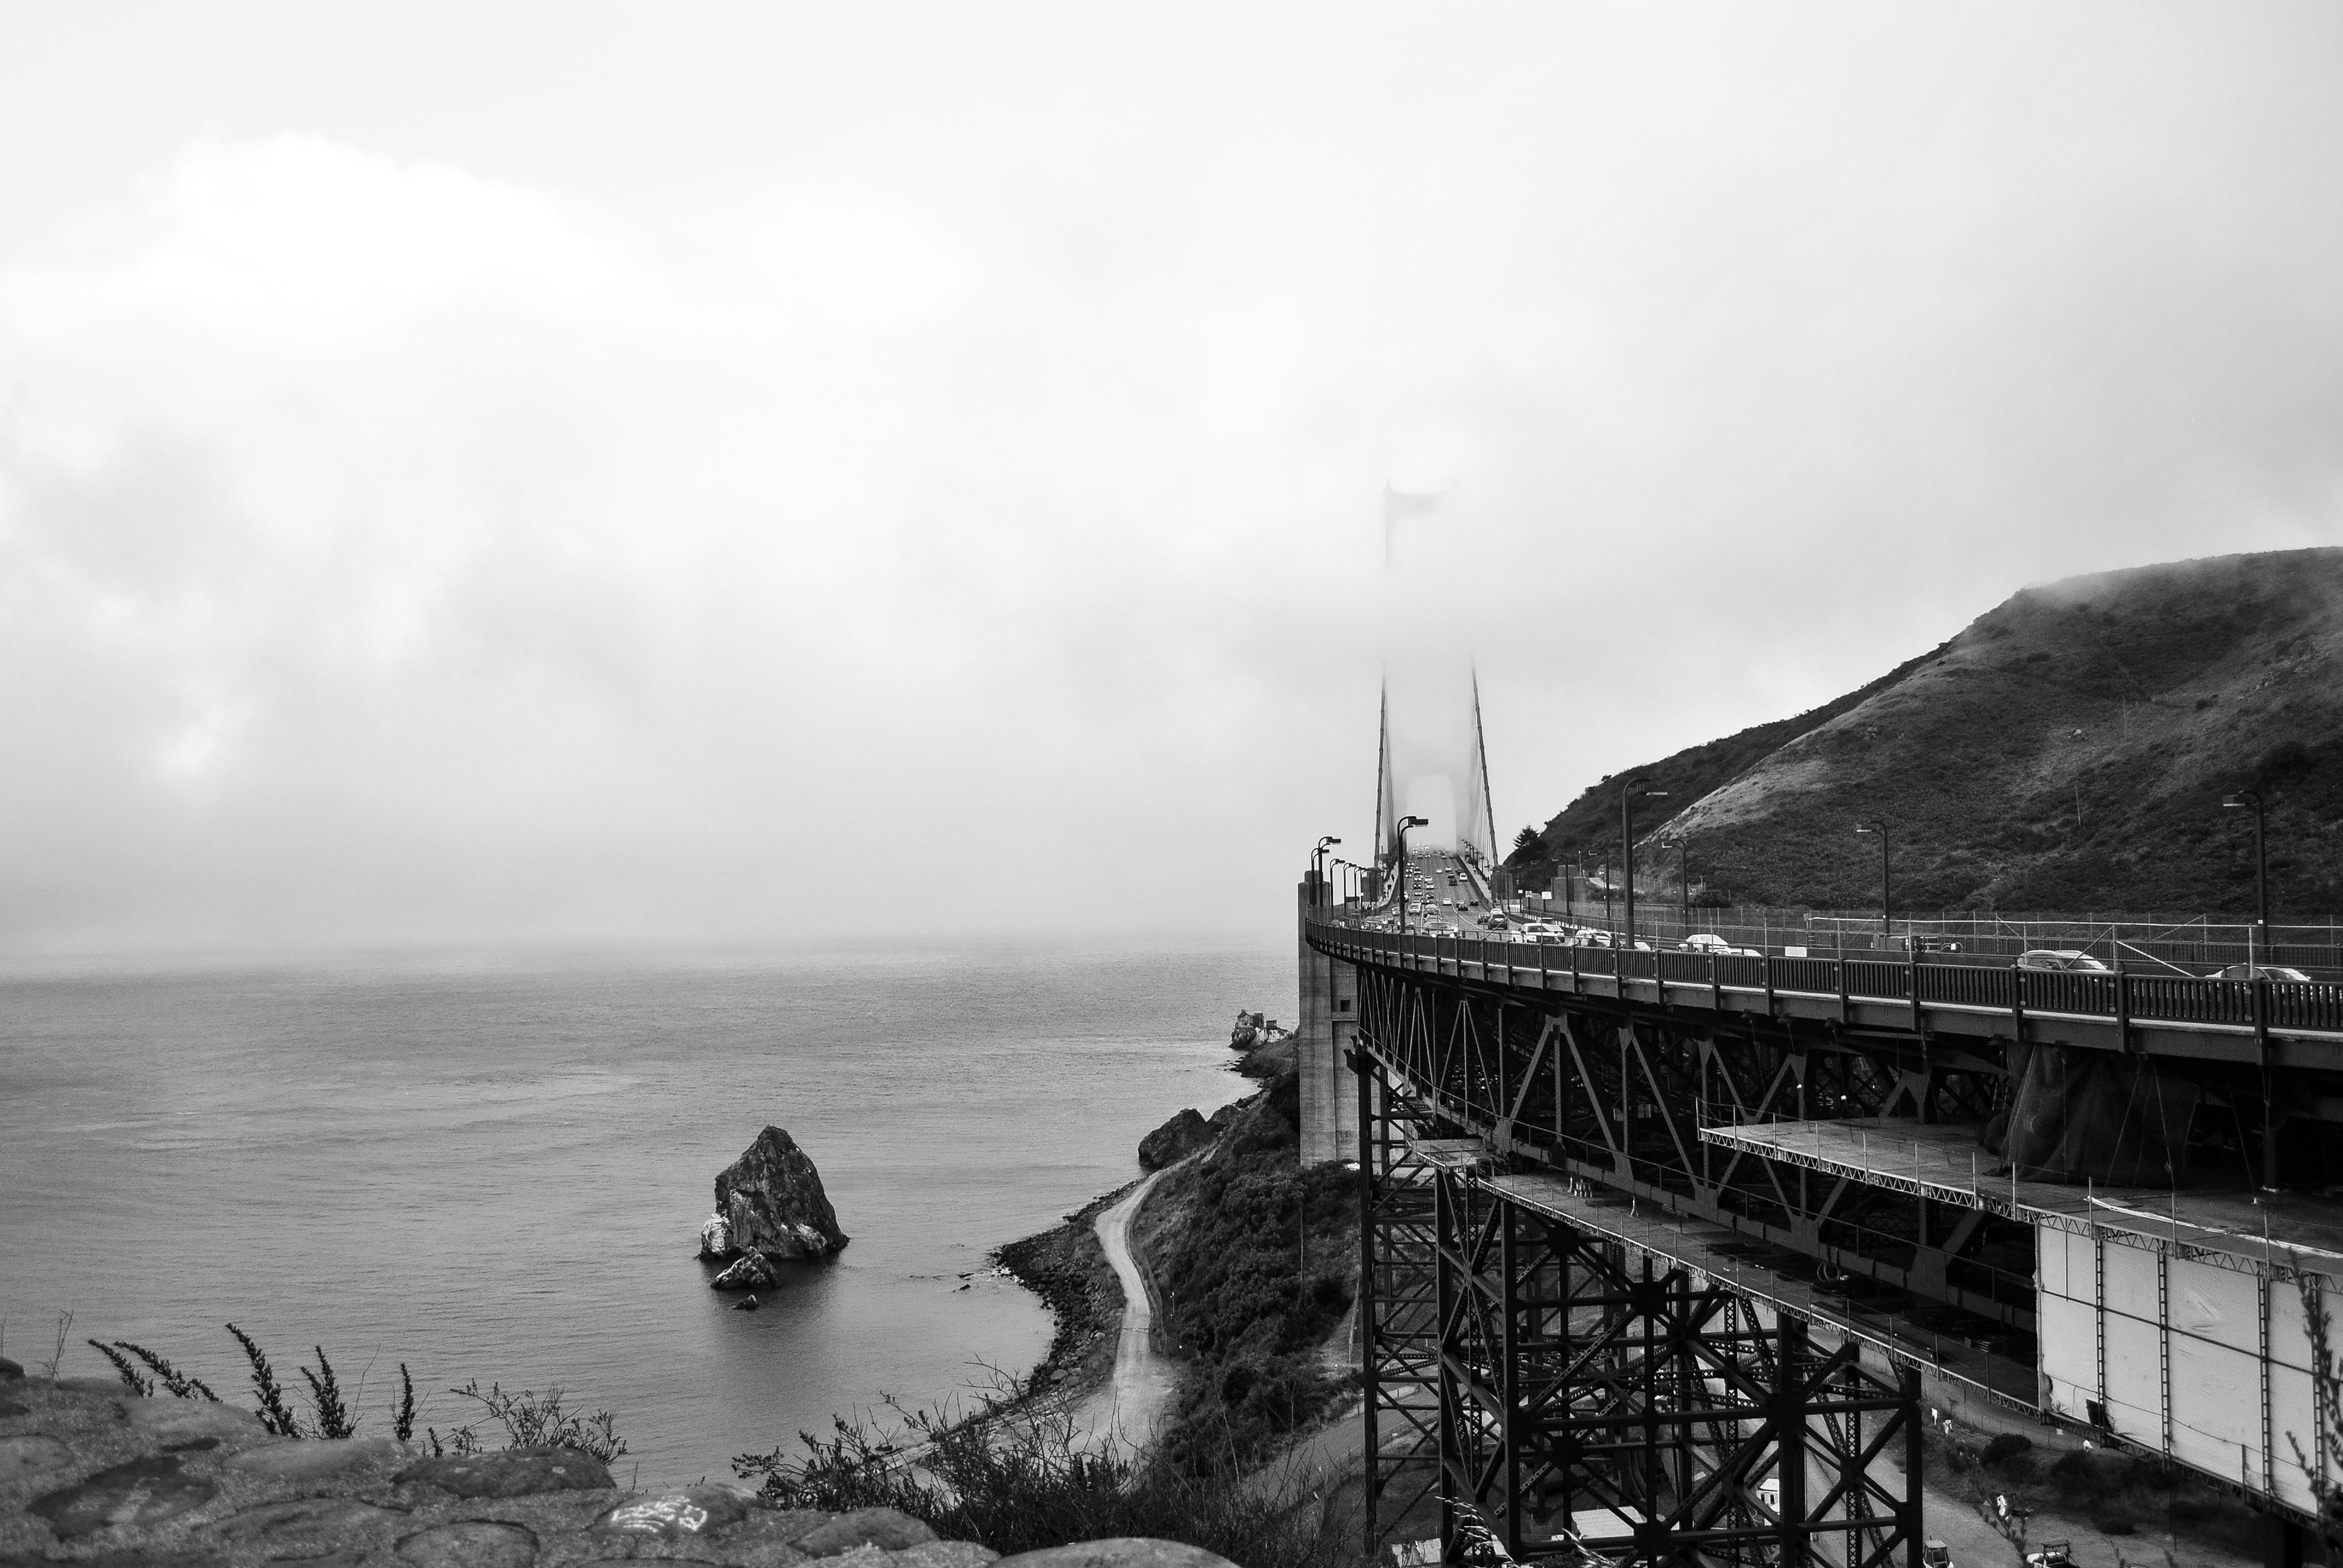 The Bridge, Bridge, Construction, Flow, Landscape, HQ Photo